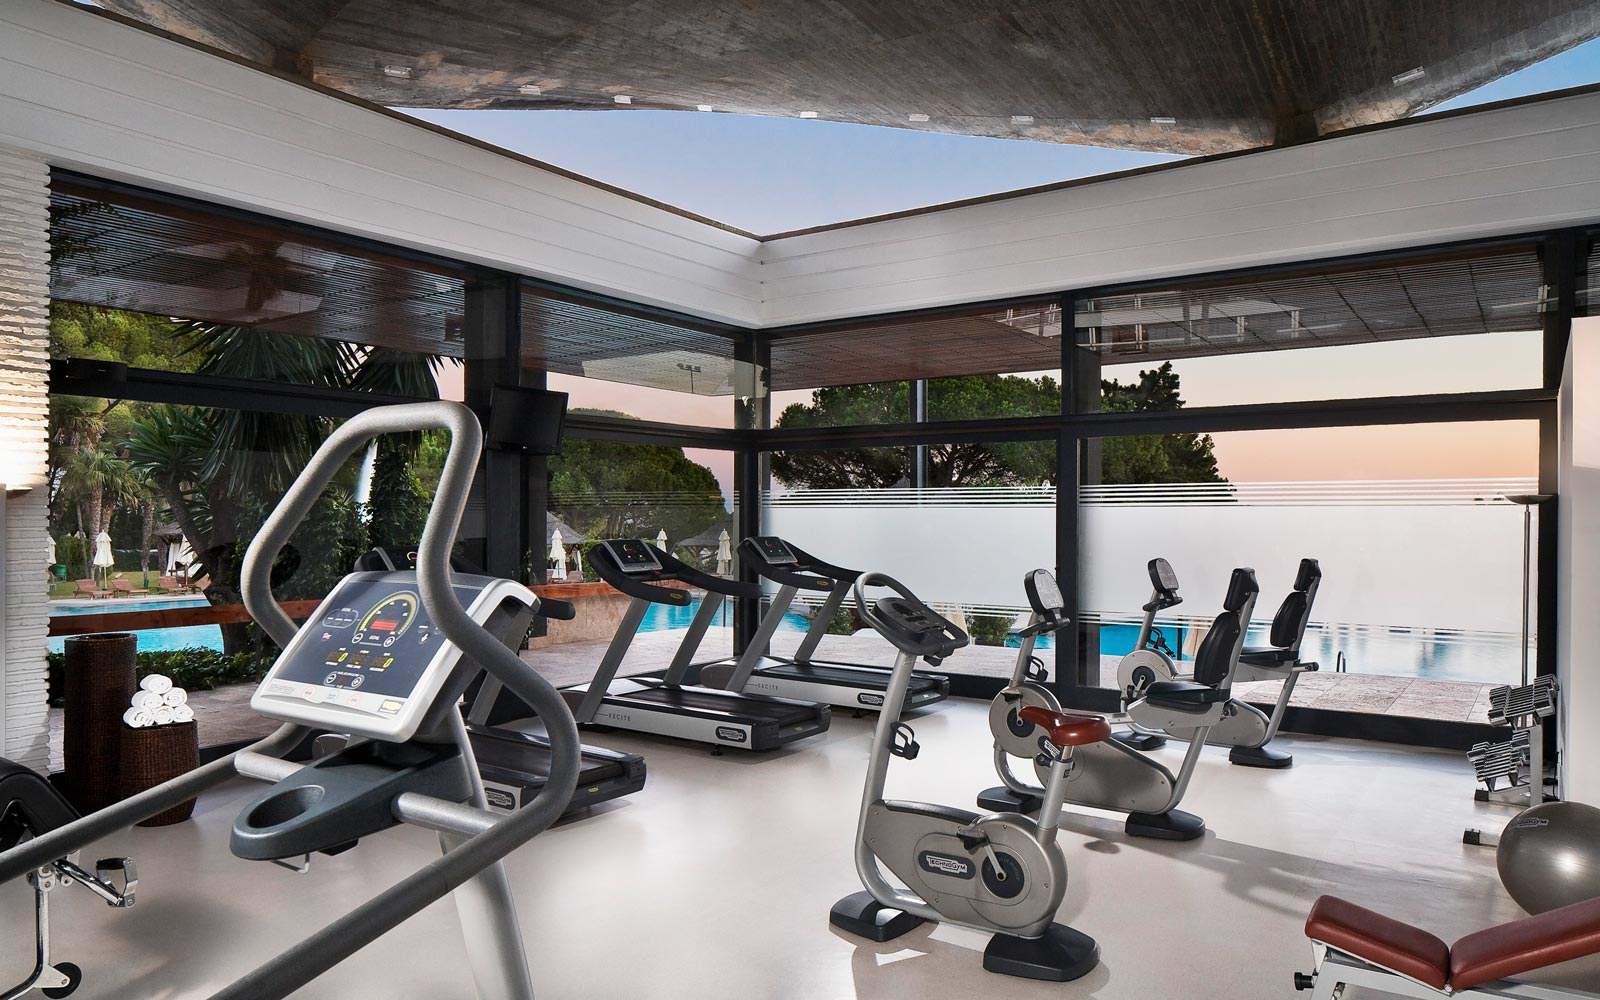 Hotel Gran Melia Don Pepe - Fitness centre